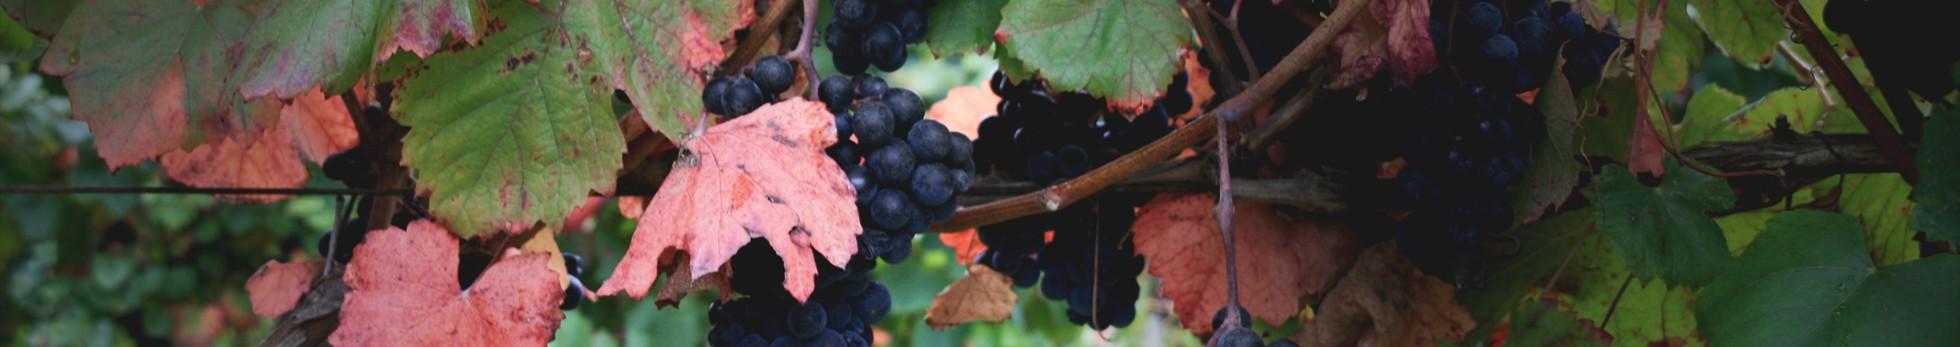 Les vins de pellehaut